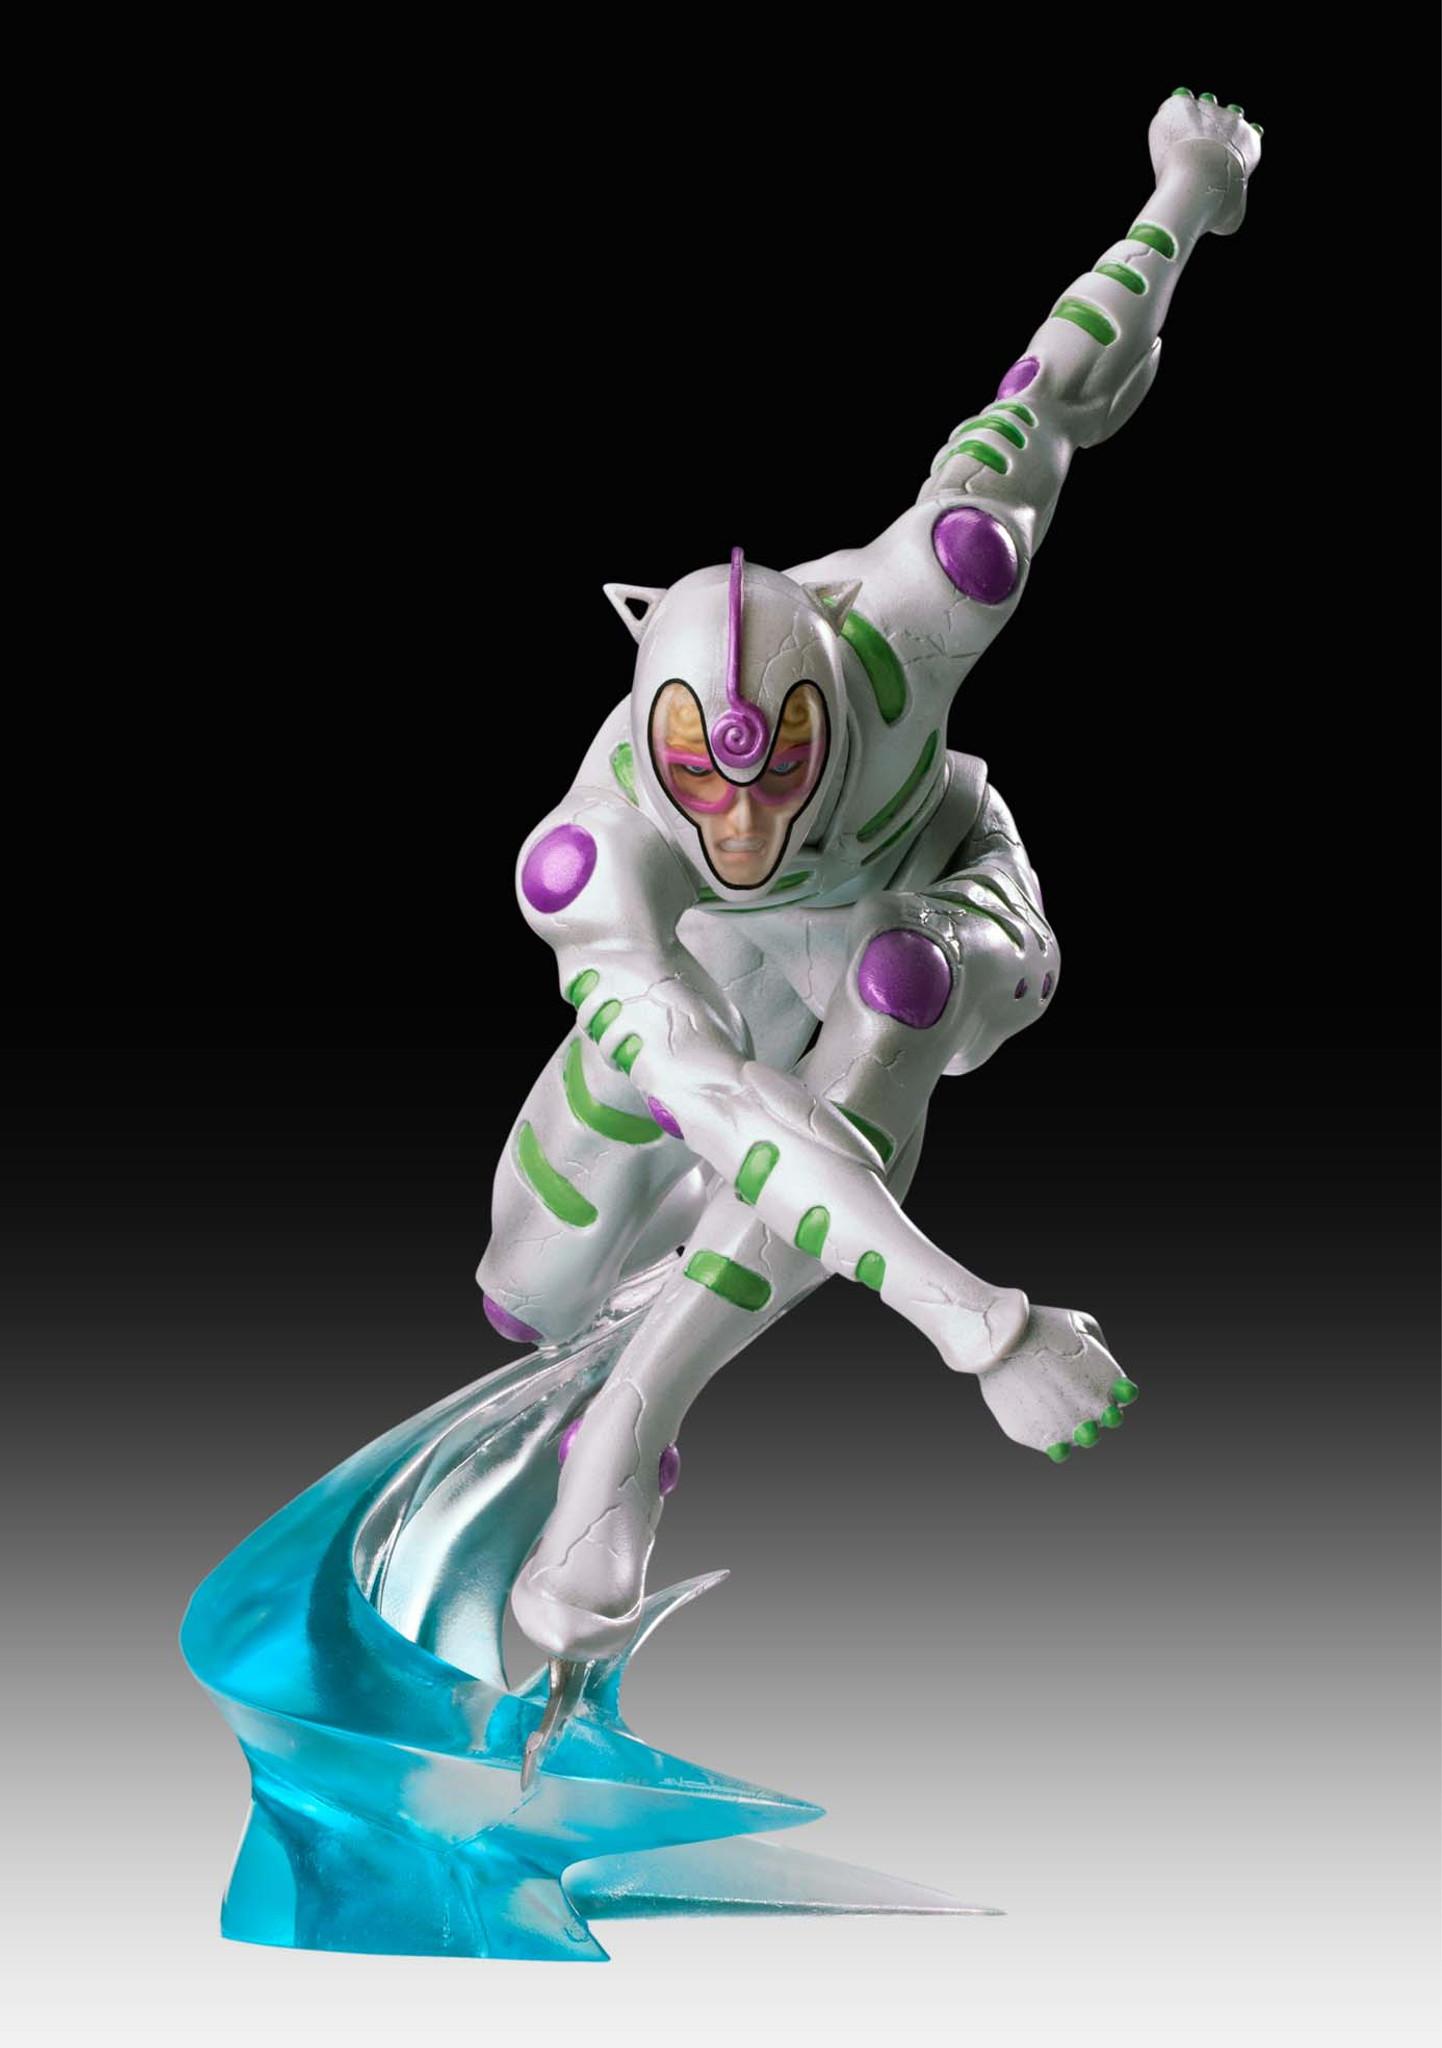 Jojo/'s Bizarre Adventure 5 Di molto bene Statue Legend White Album Figure